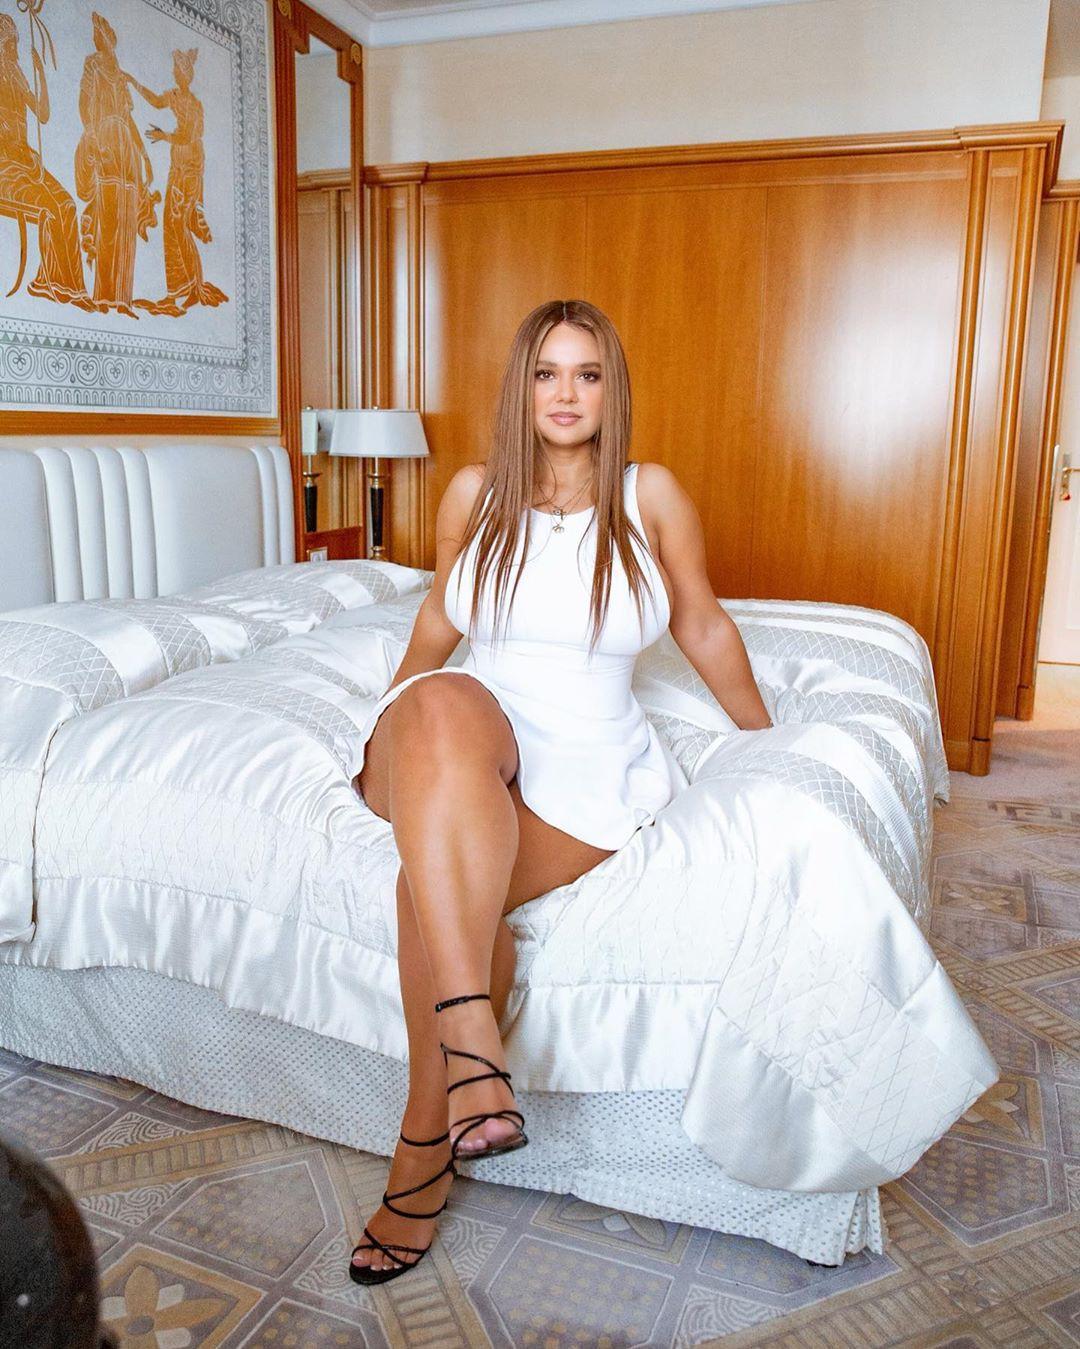 Pamela Alexandra hot girls thighs, hot legs picture, blond hairs